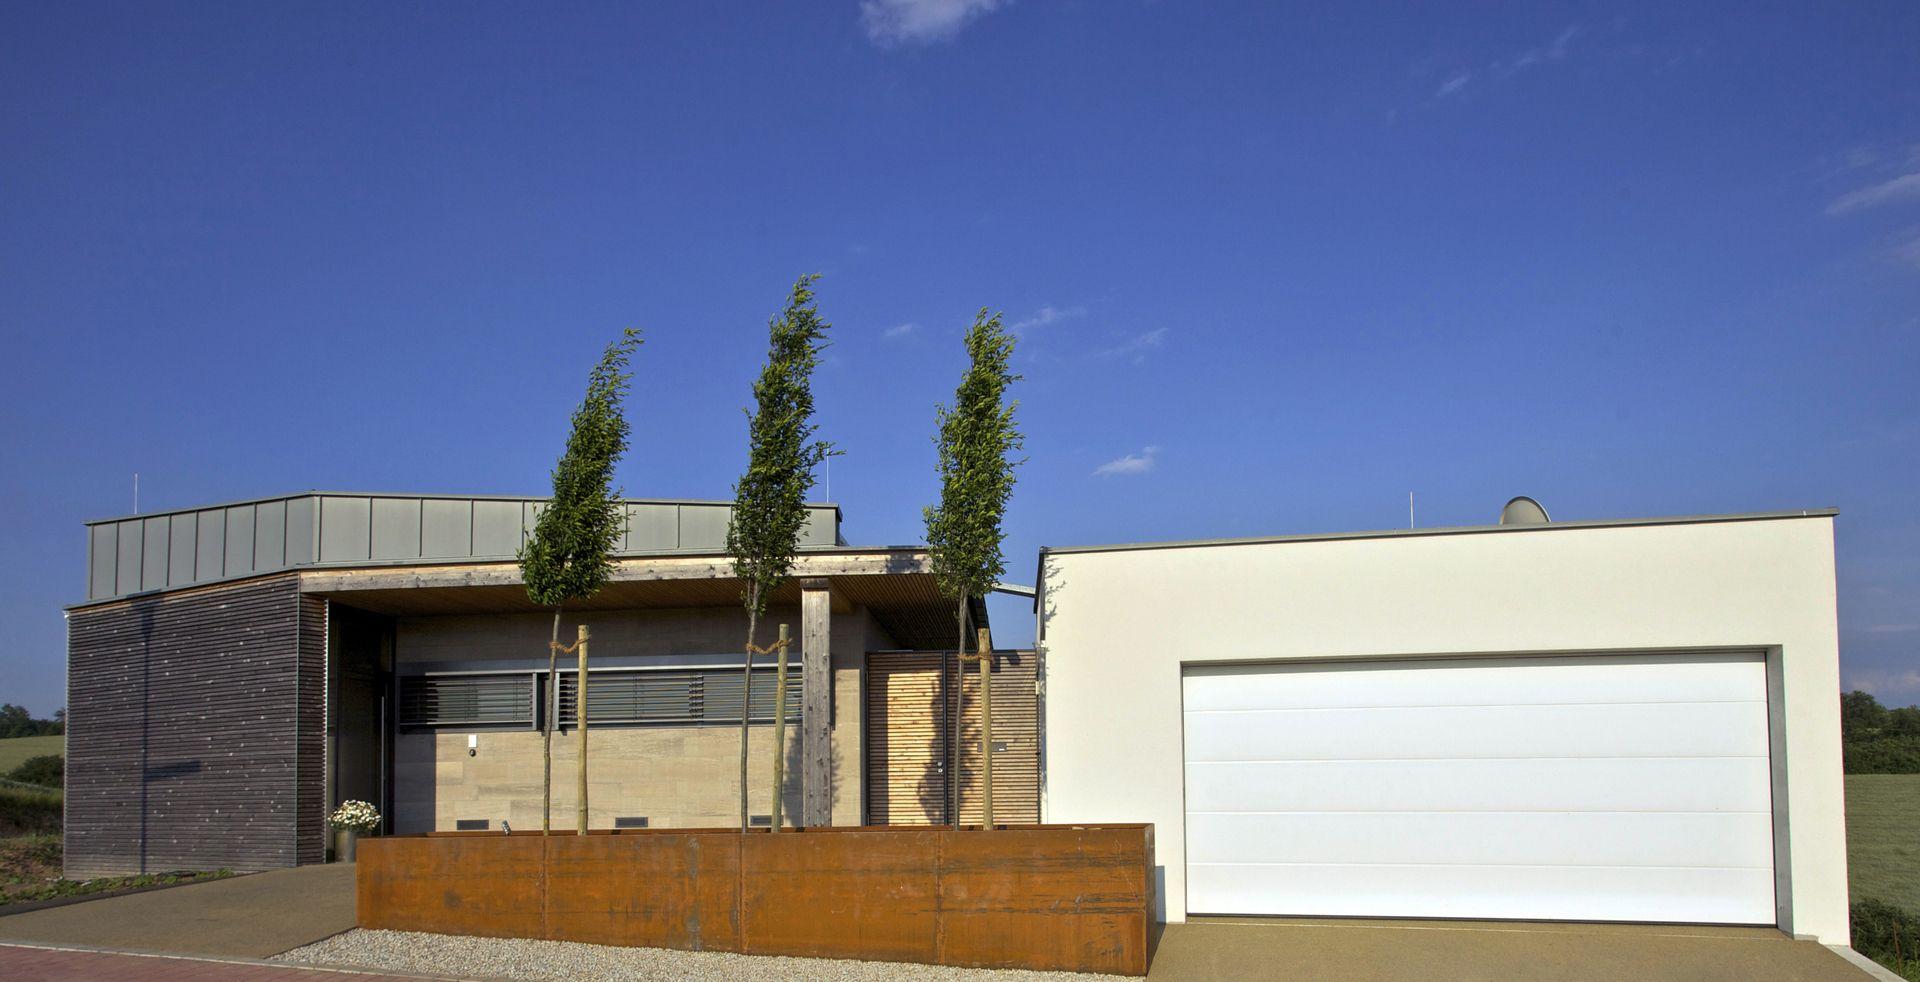 garage als grundstücksbegrenzung - bauemotion.de